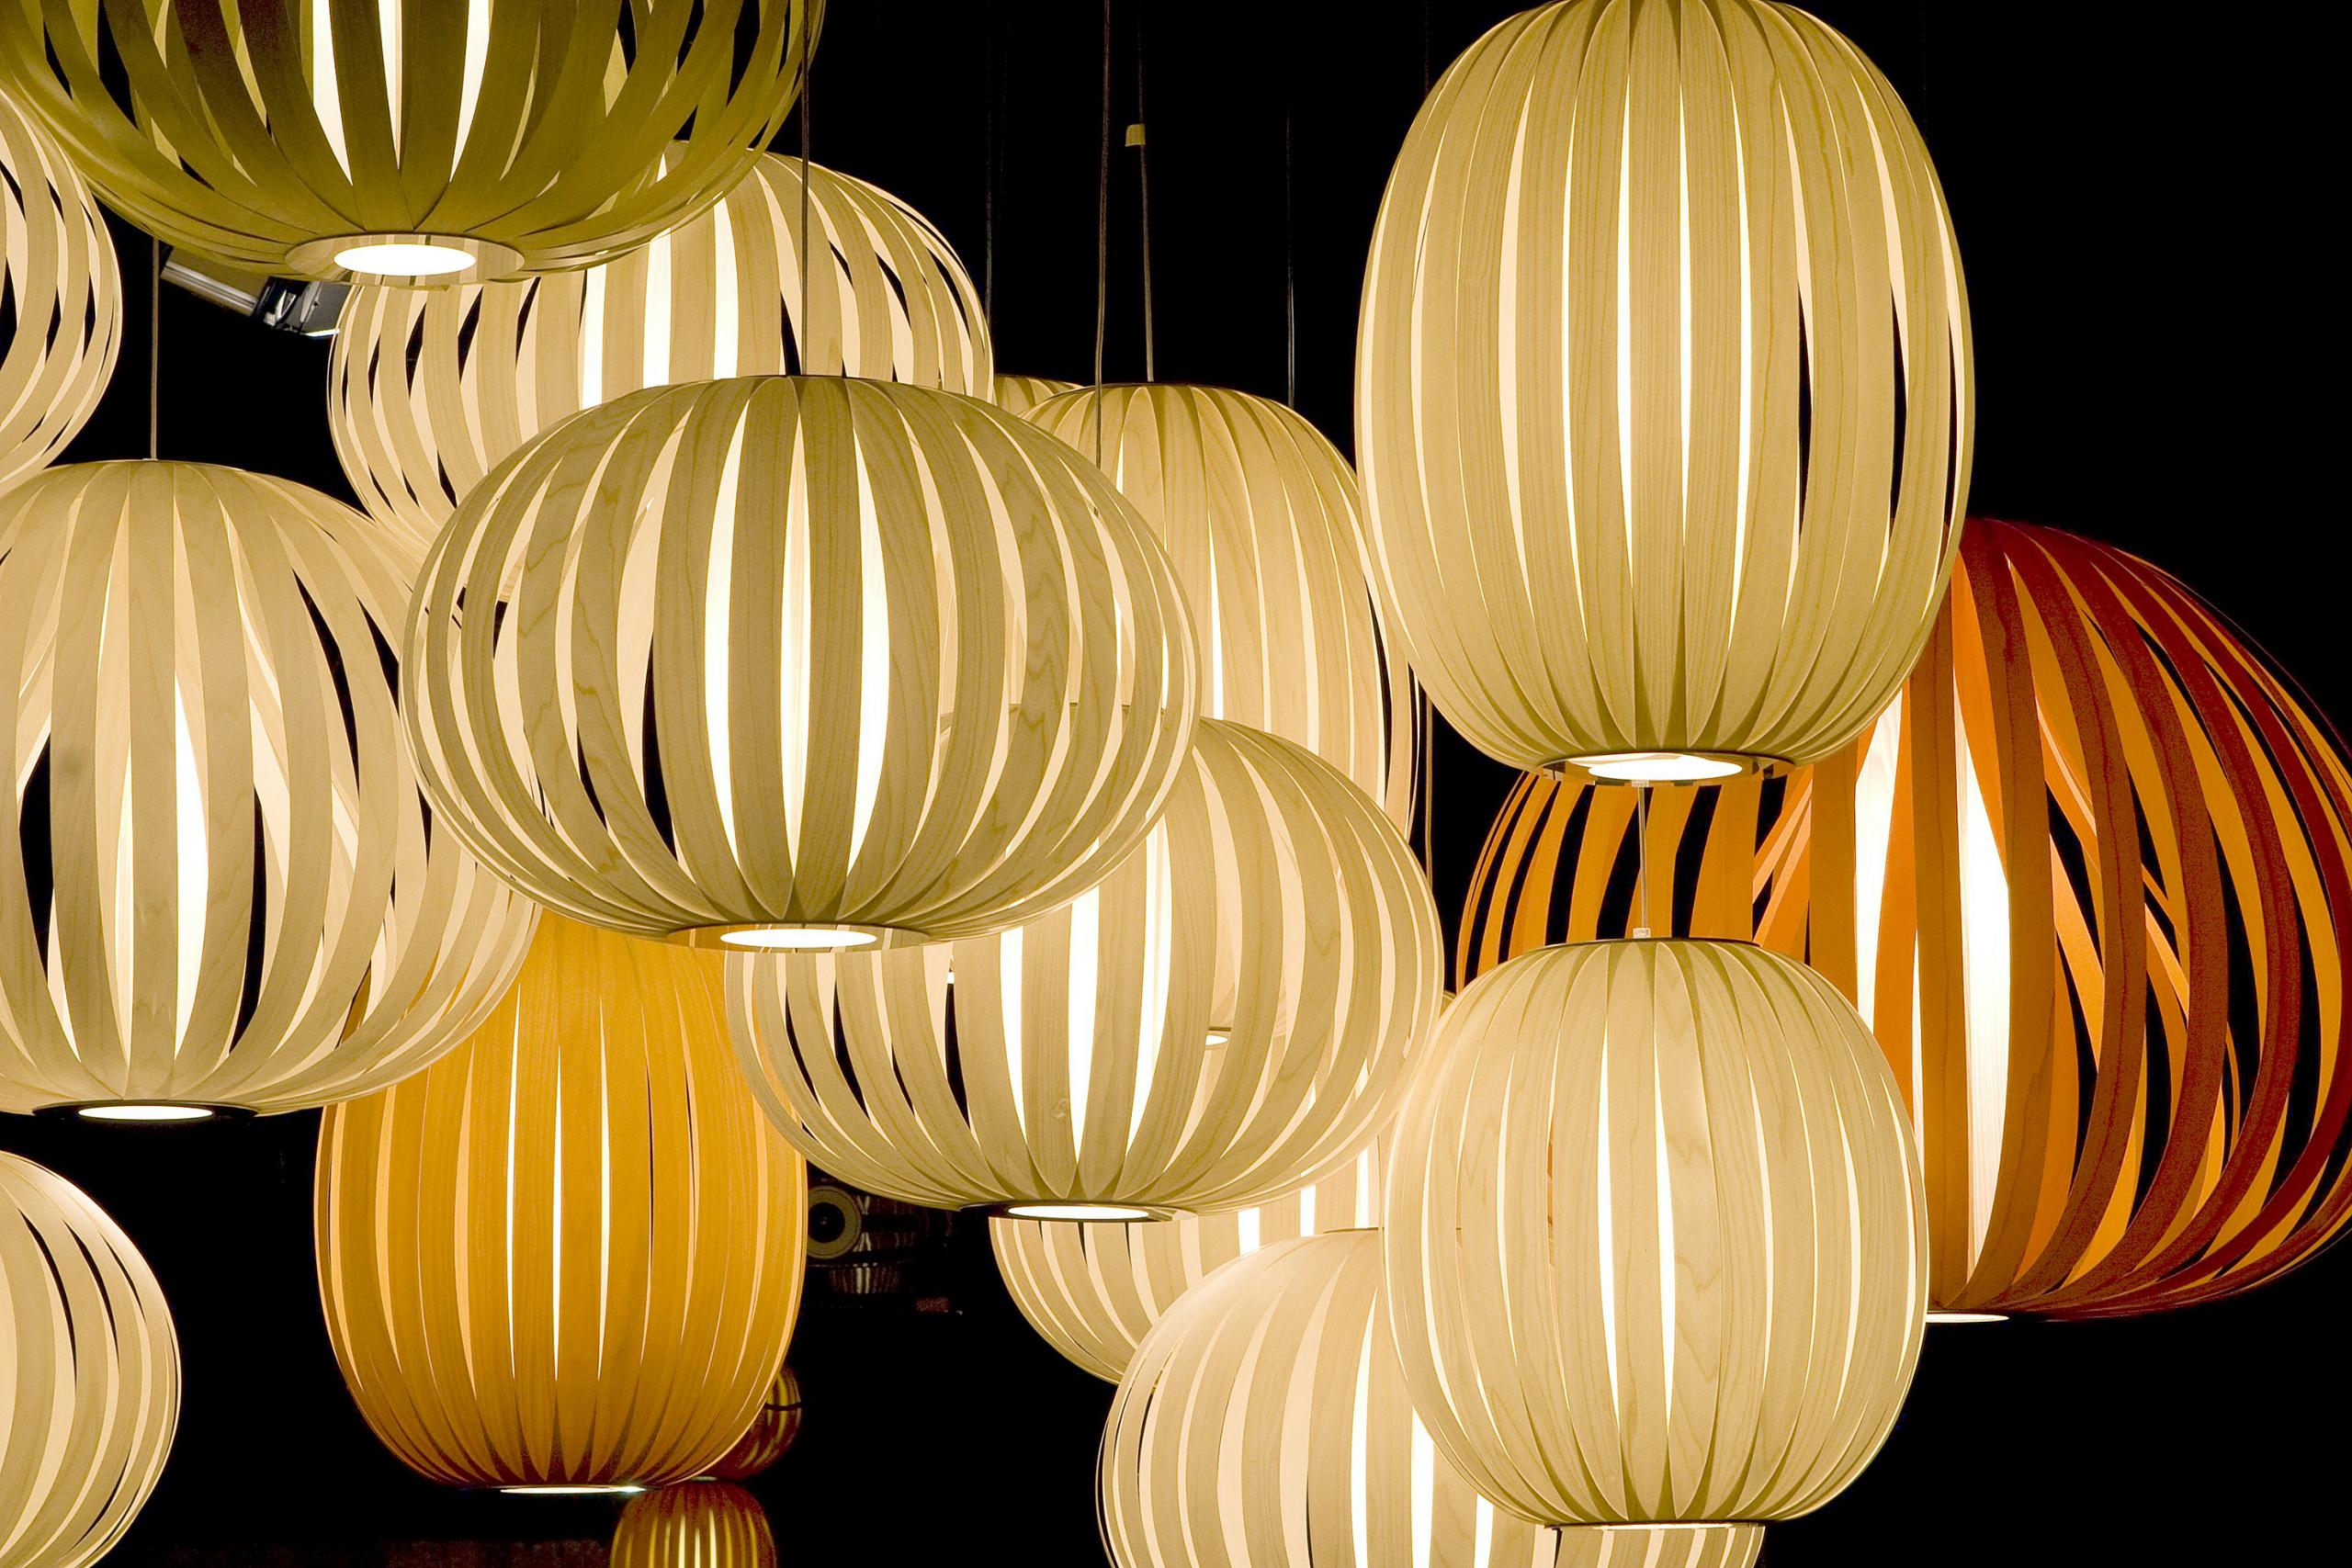 Handmade Pendant Lamp Pod Lzf Design Burkhard Mmer - Tierra Este ...